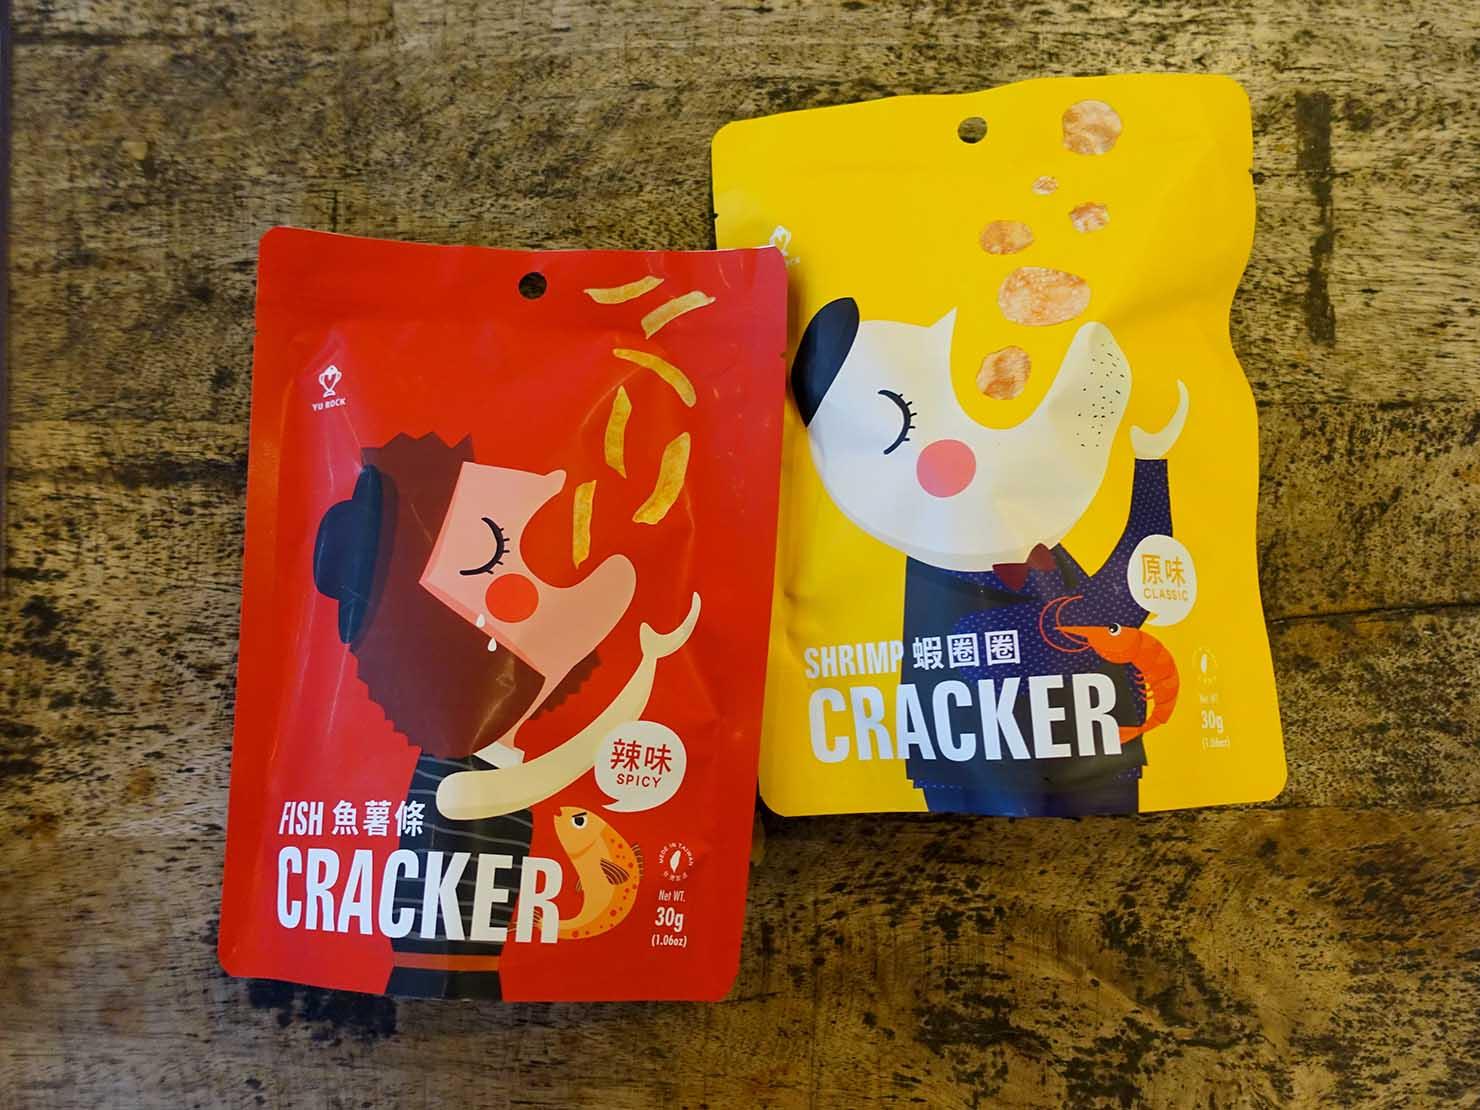 台北おみやげ探しにピッタリのスーパー「神農市集 MAJI FOOD&DELI」で見つけた「YU ROCK 蝦圈圈&魚薯條(エビ&フィッシュクラッカー)」パッケージ